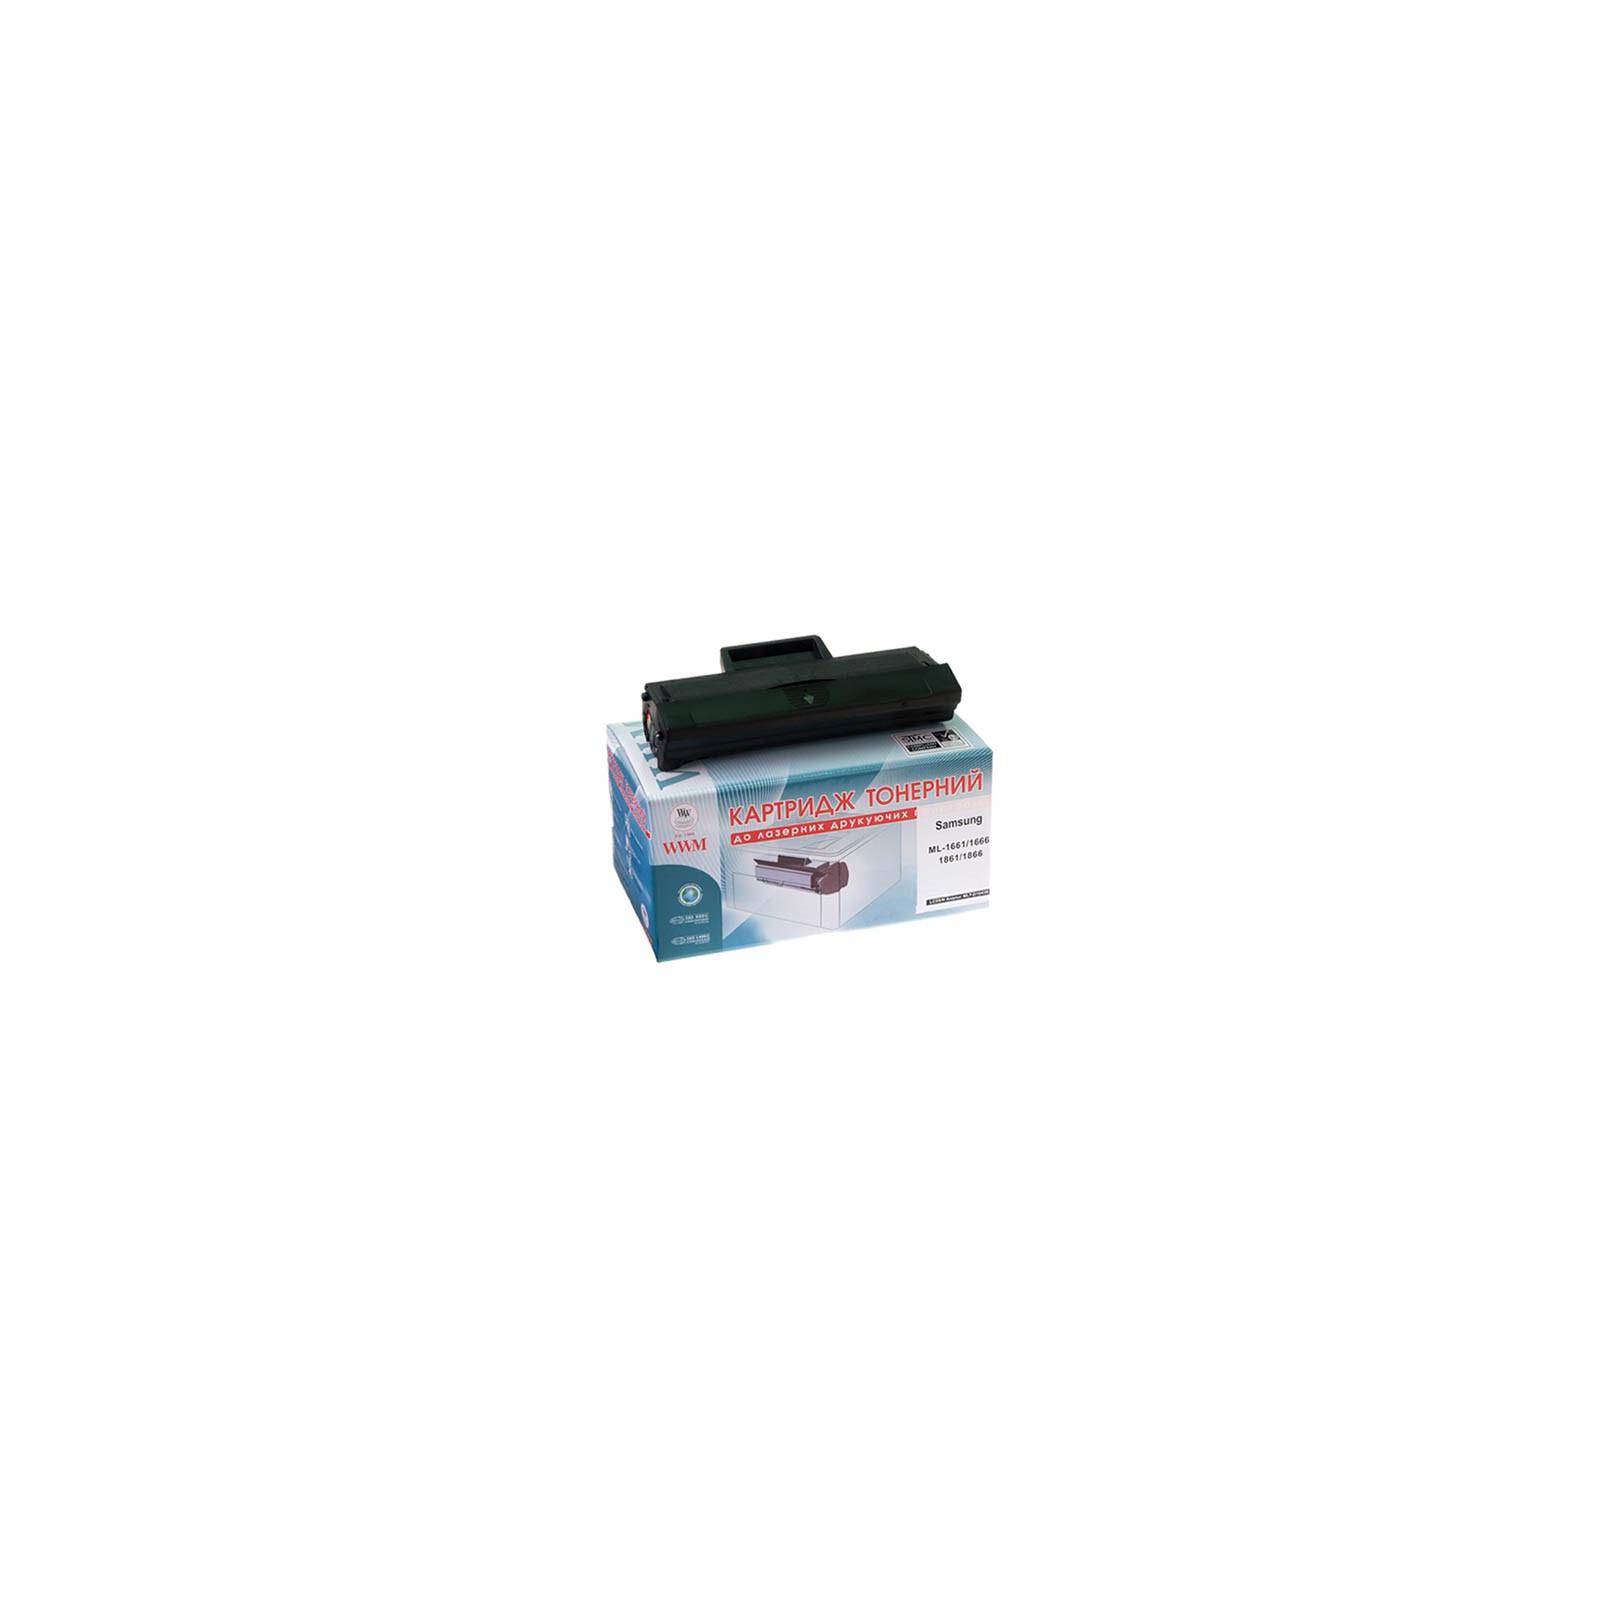 Картридж WWM для Samsung ML-1666/1661/1861/1866 (LC55N)